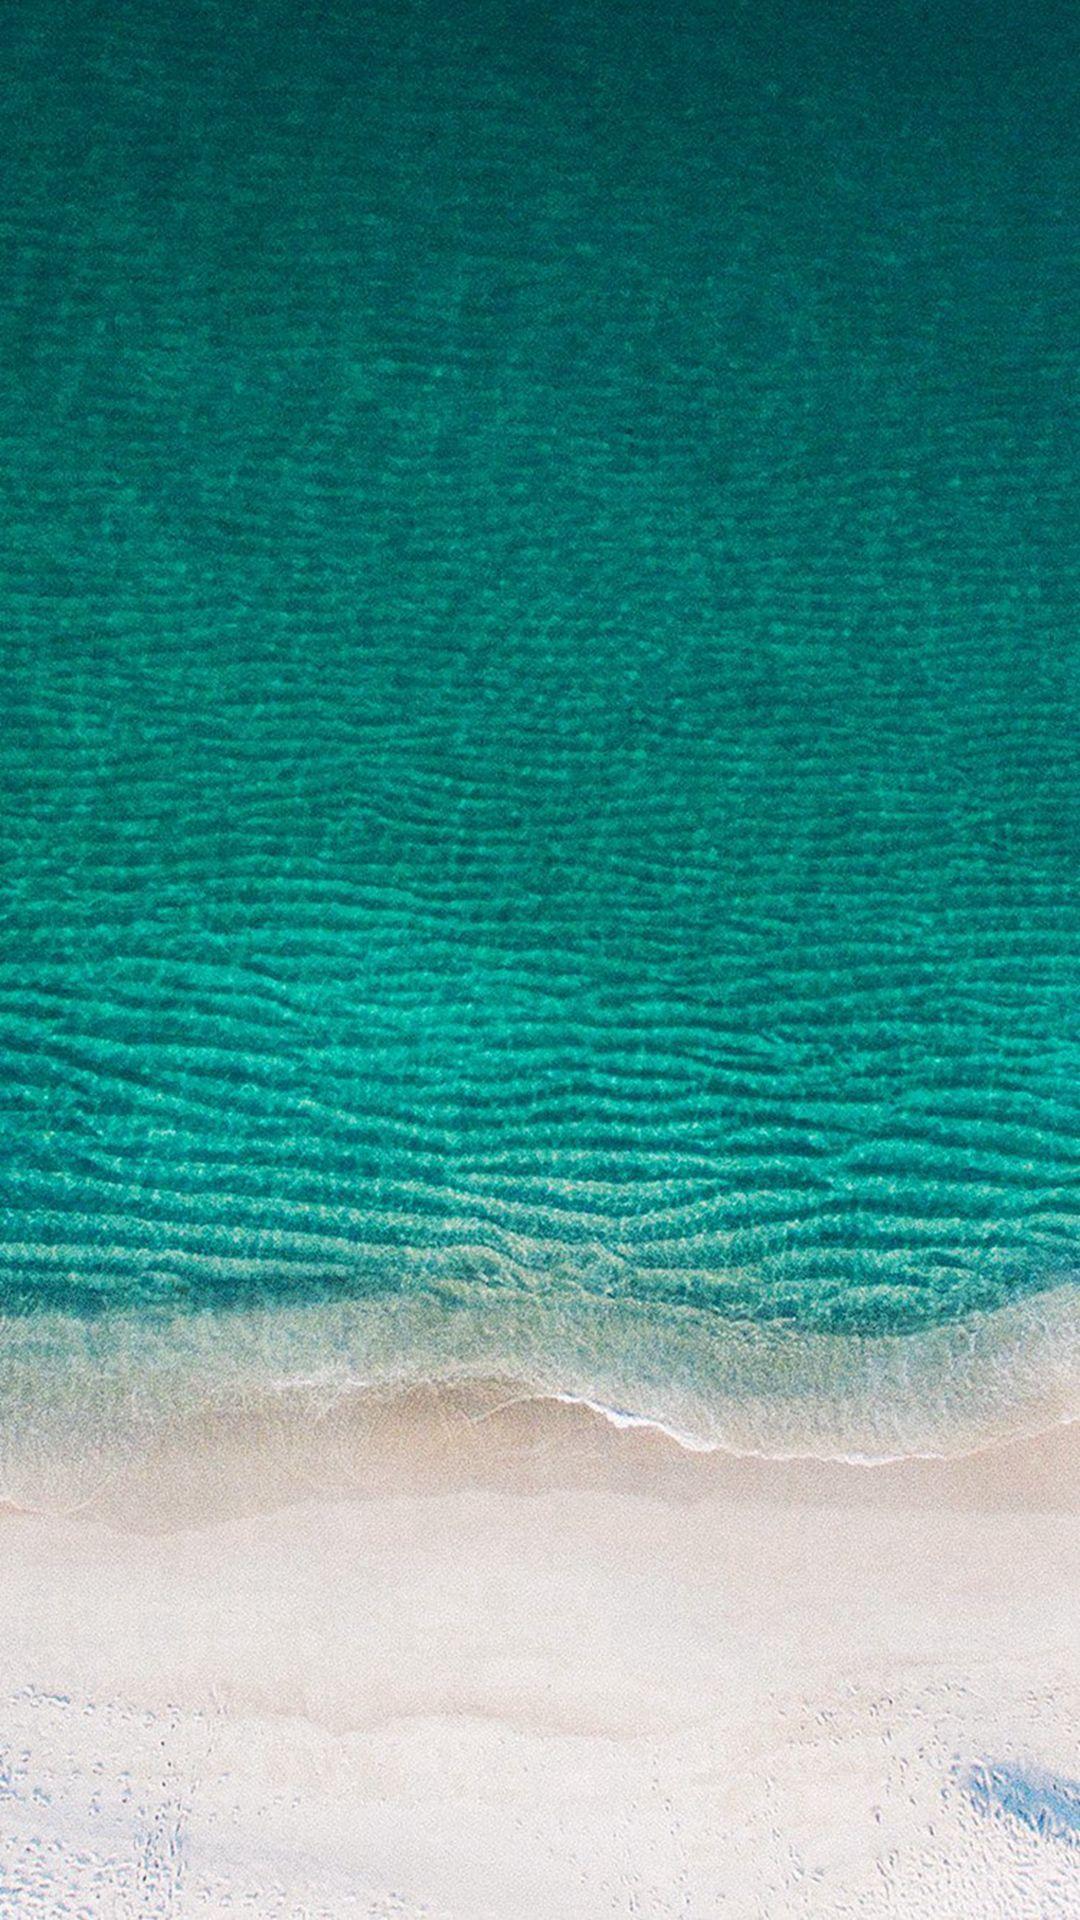 Wallpaper iphone sea - Sea Ocean Green Minimal Nature Wave Earth Iphone 6 Plus Wallpaper